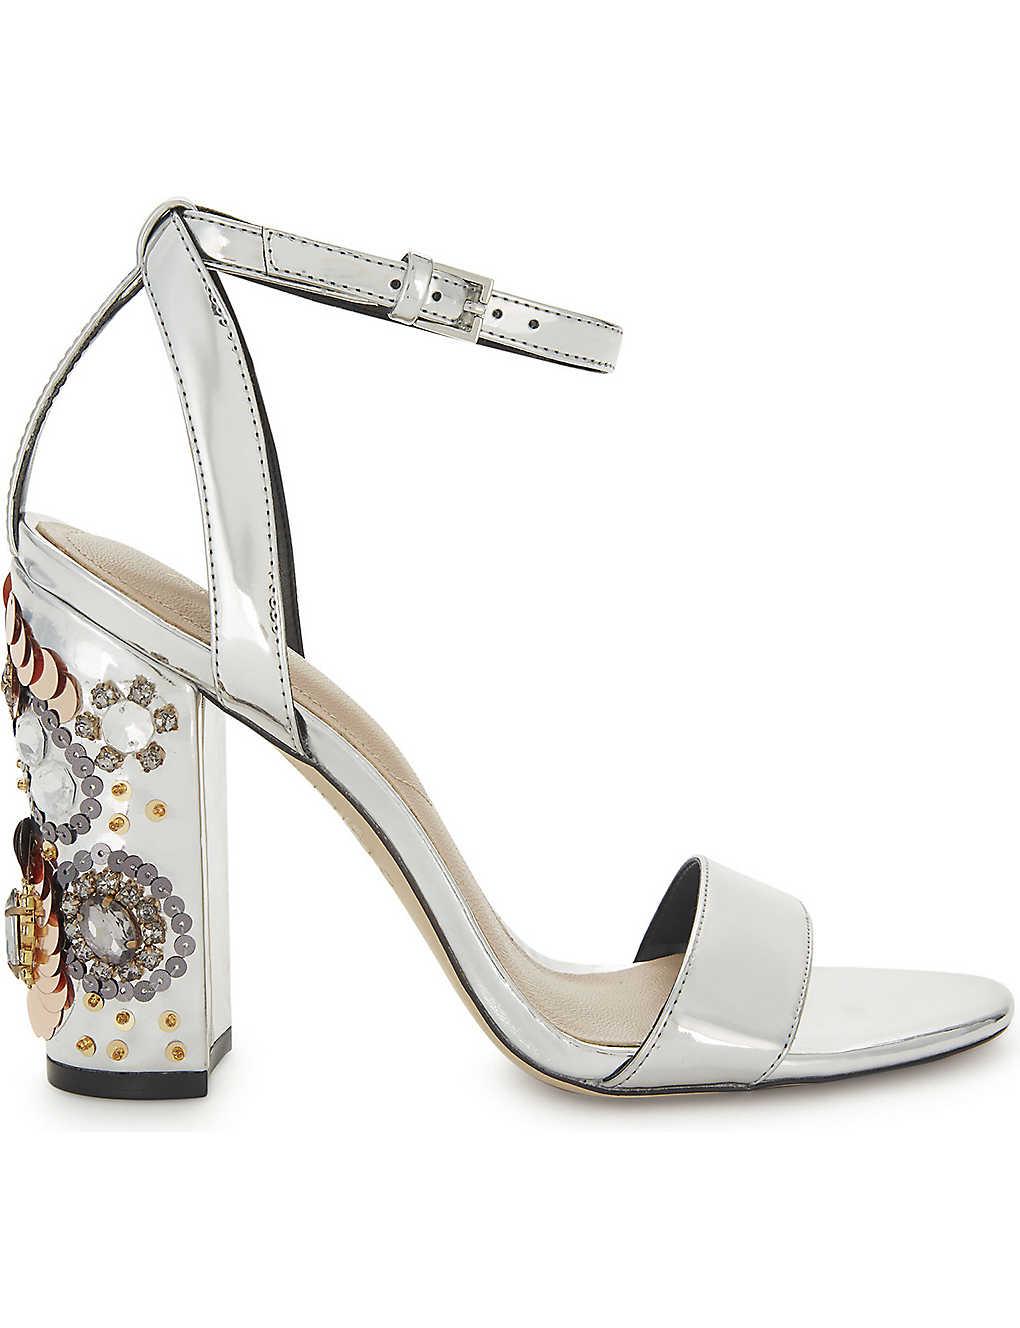 39fe08f2703 ALDO - Luciaa mirrored sandals